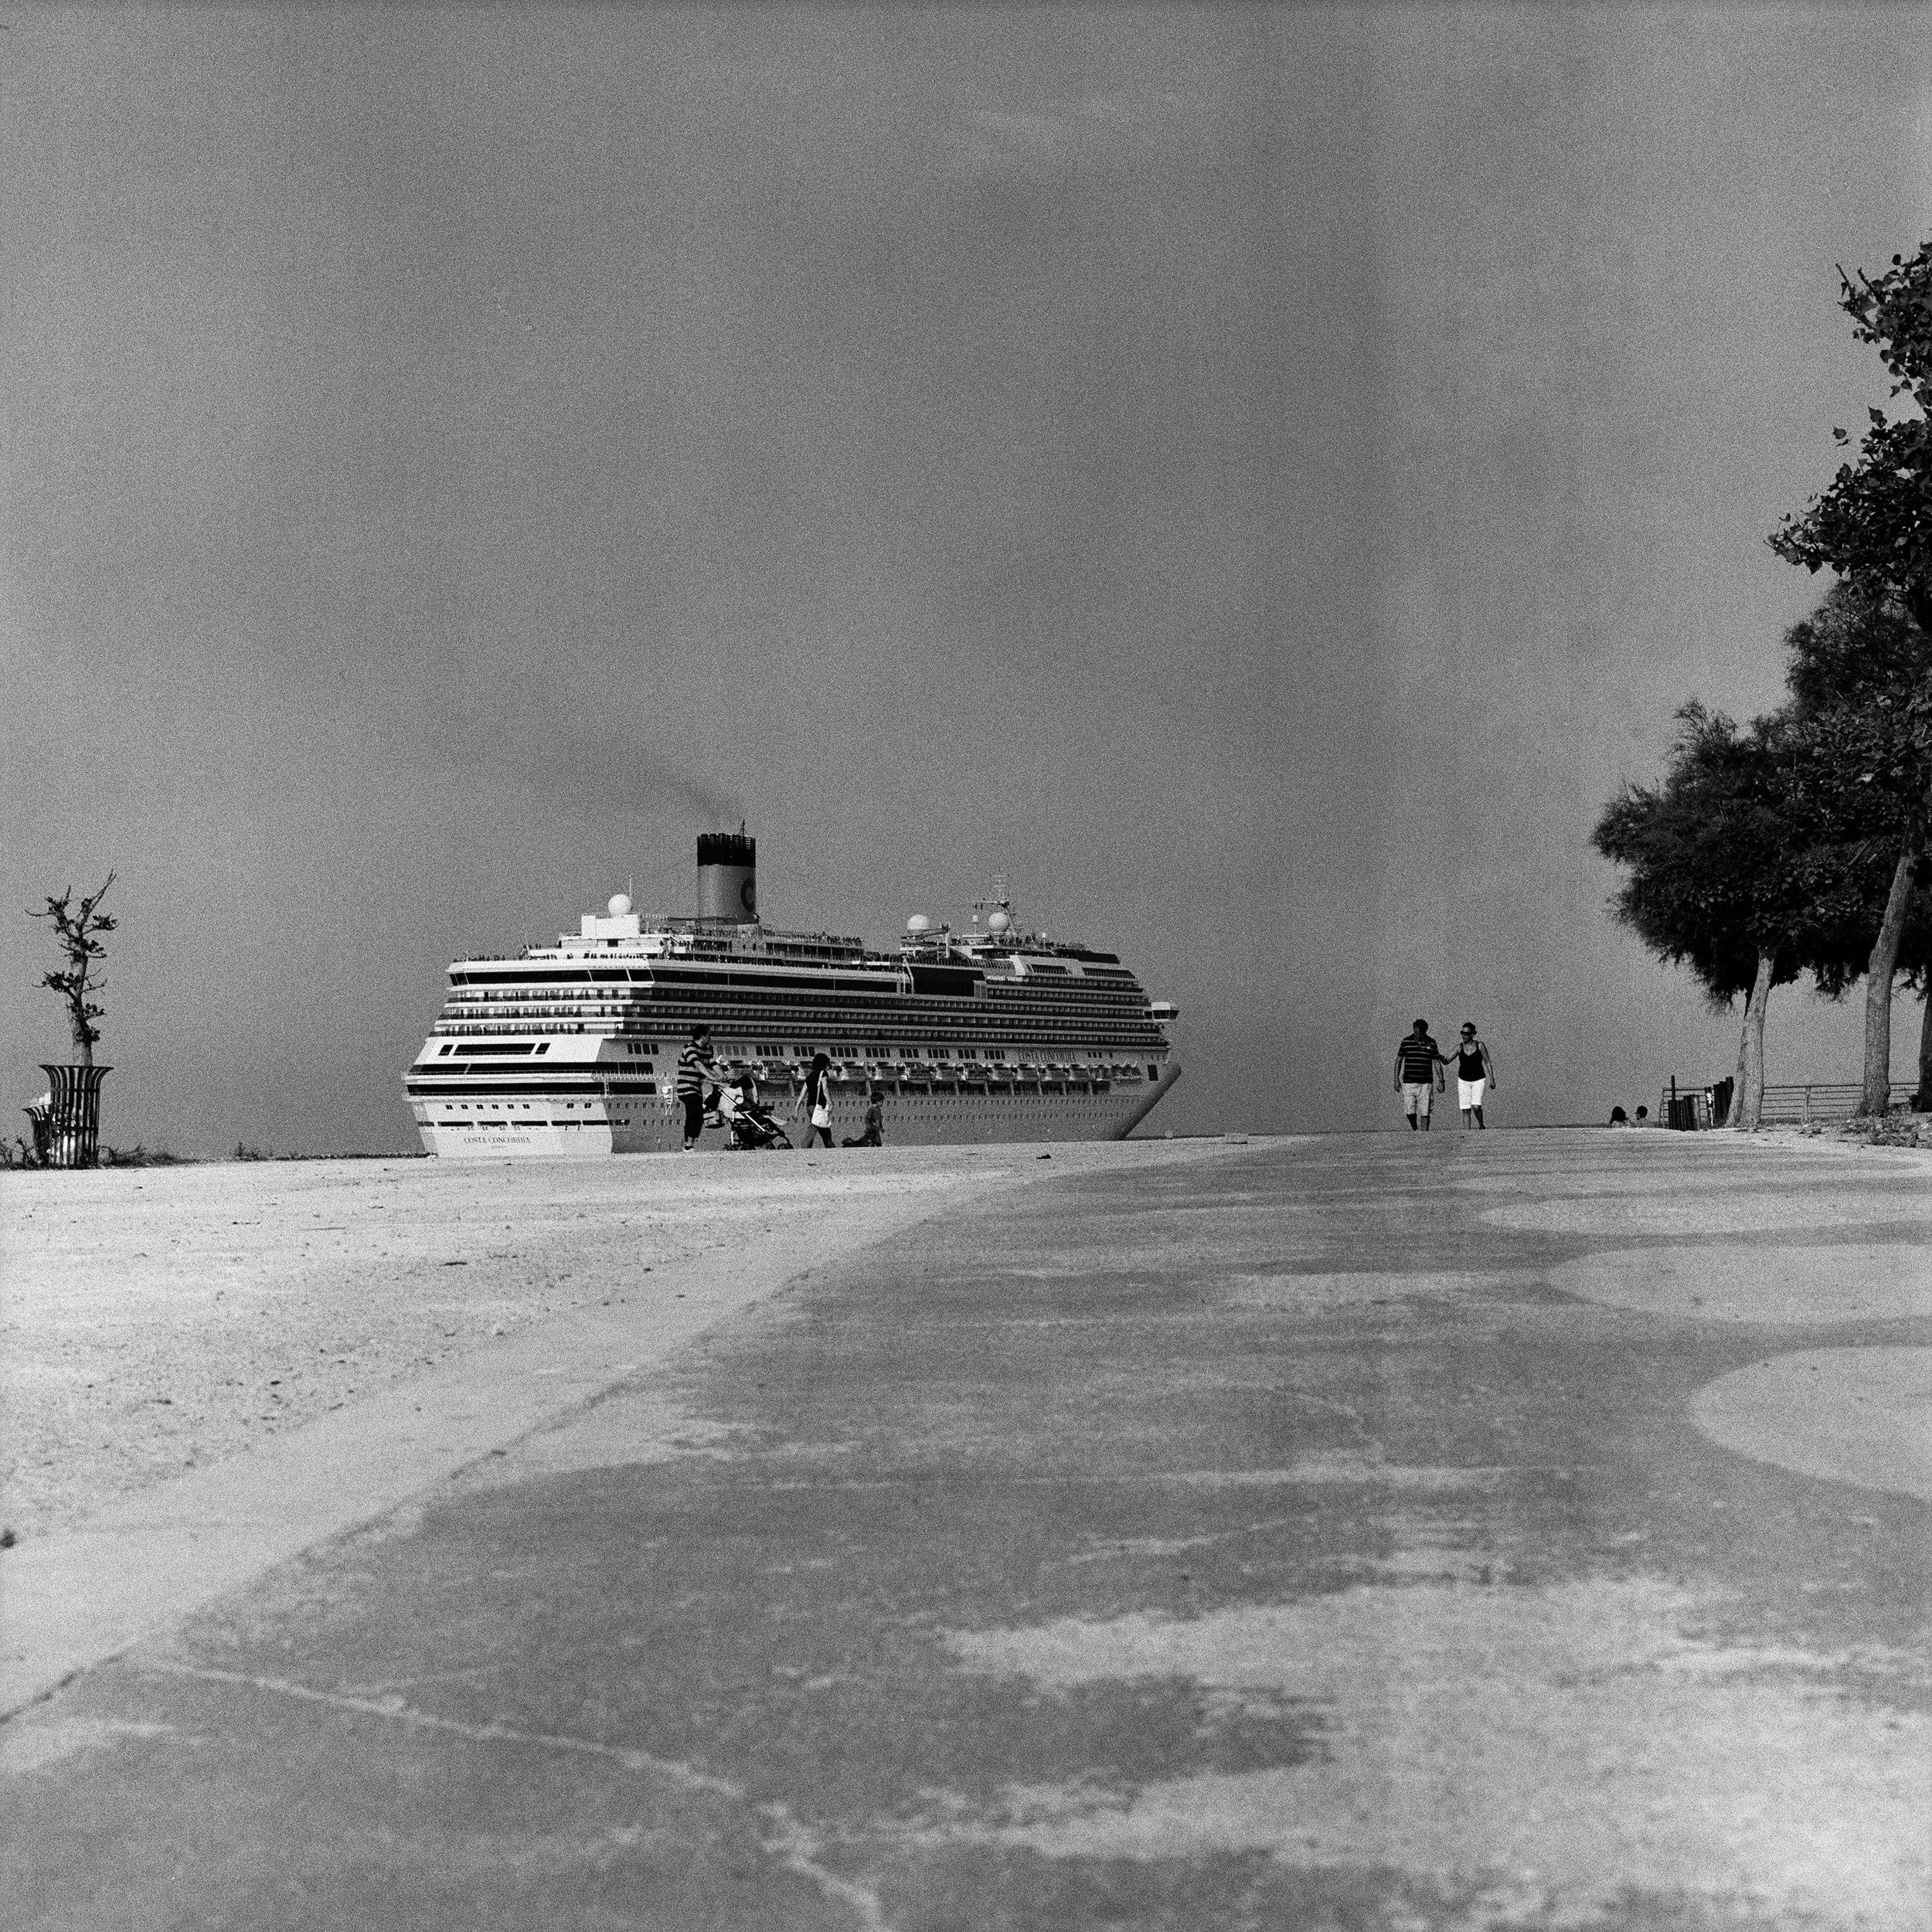 A Costa Crociere cruising ship departs Palermo's harbour.